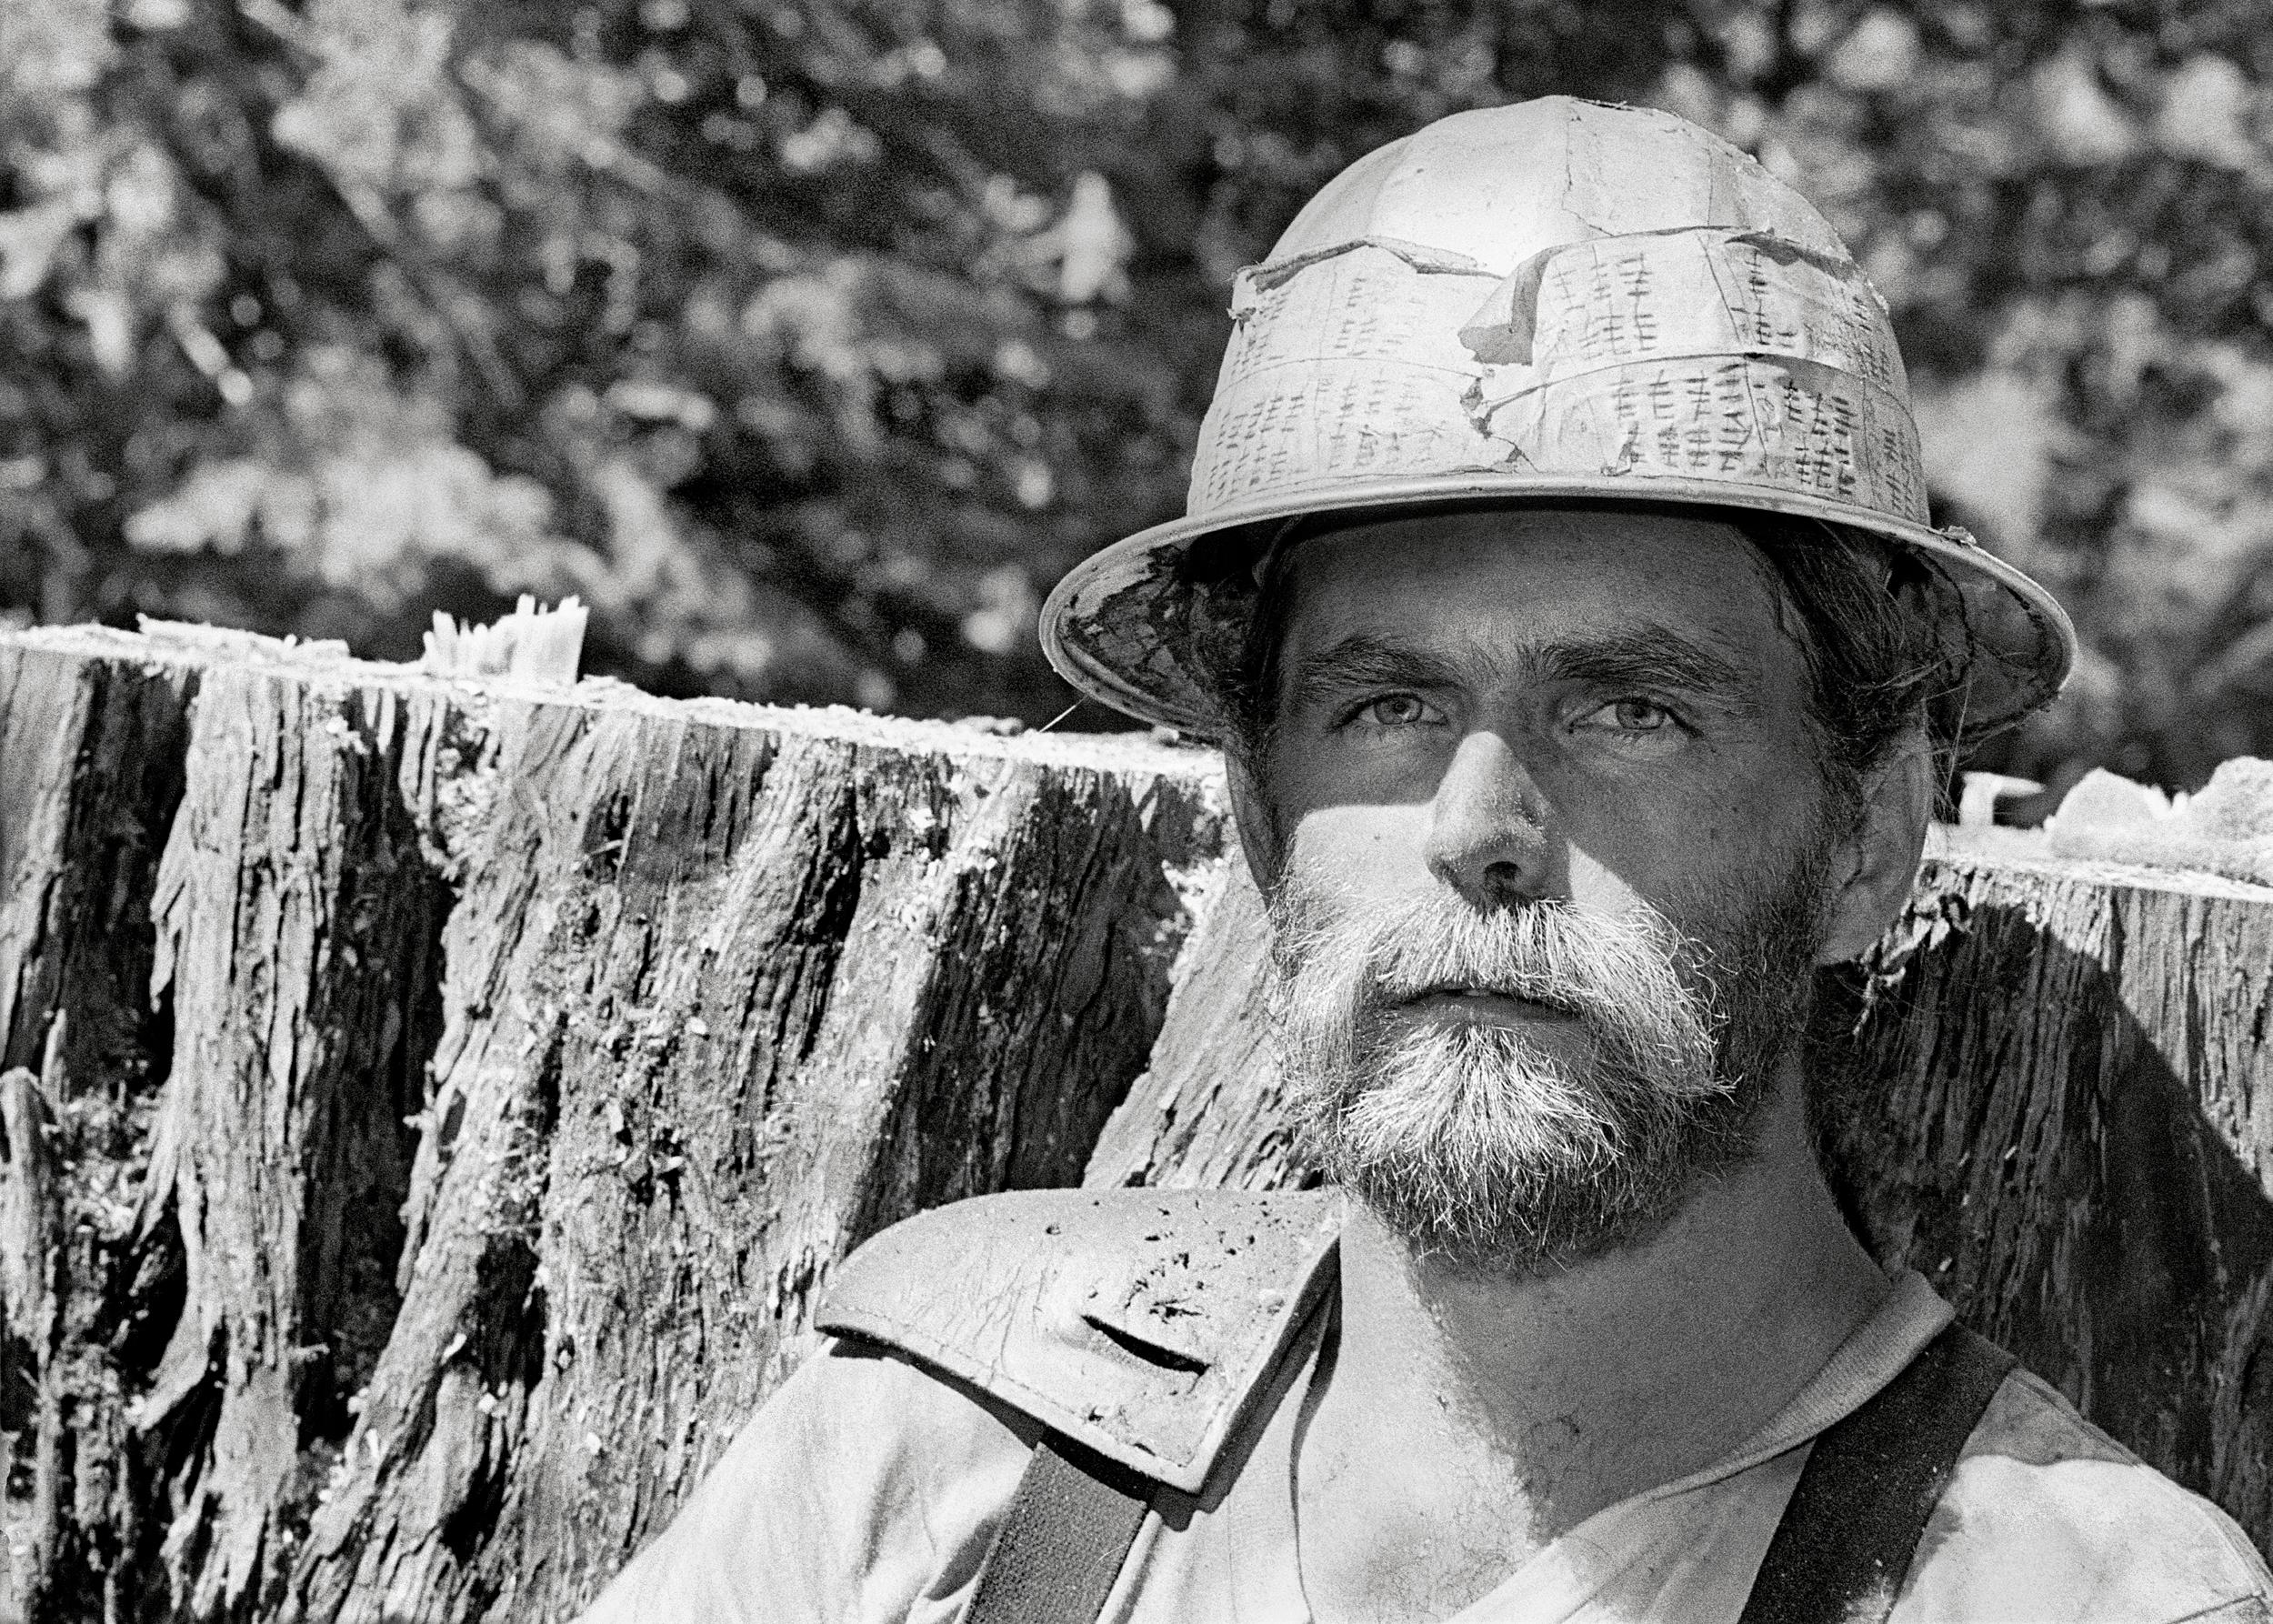 Jim Nelson, Timber Faller, 1988